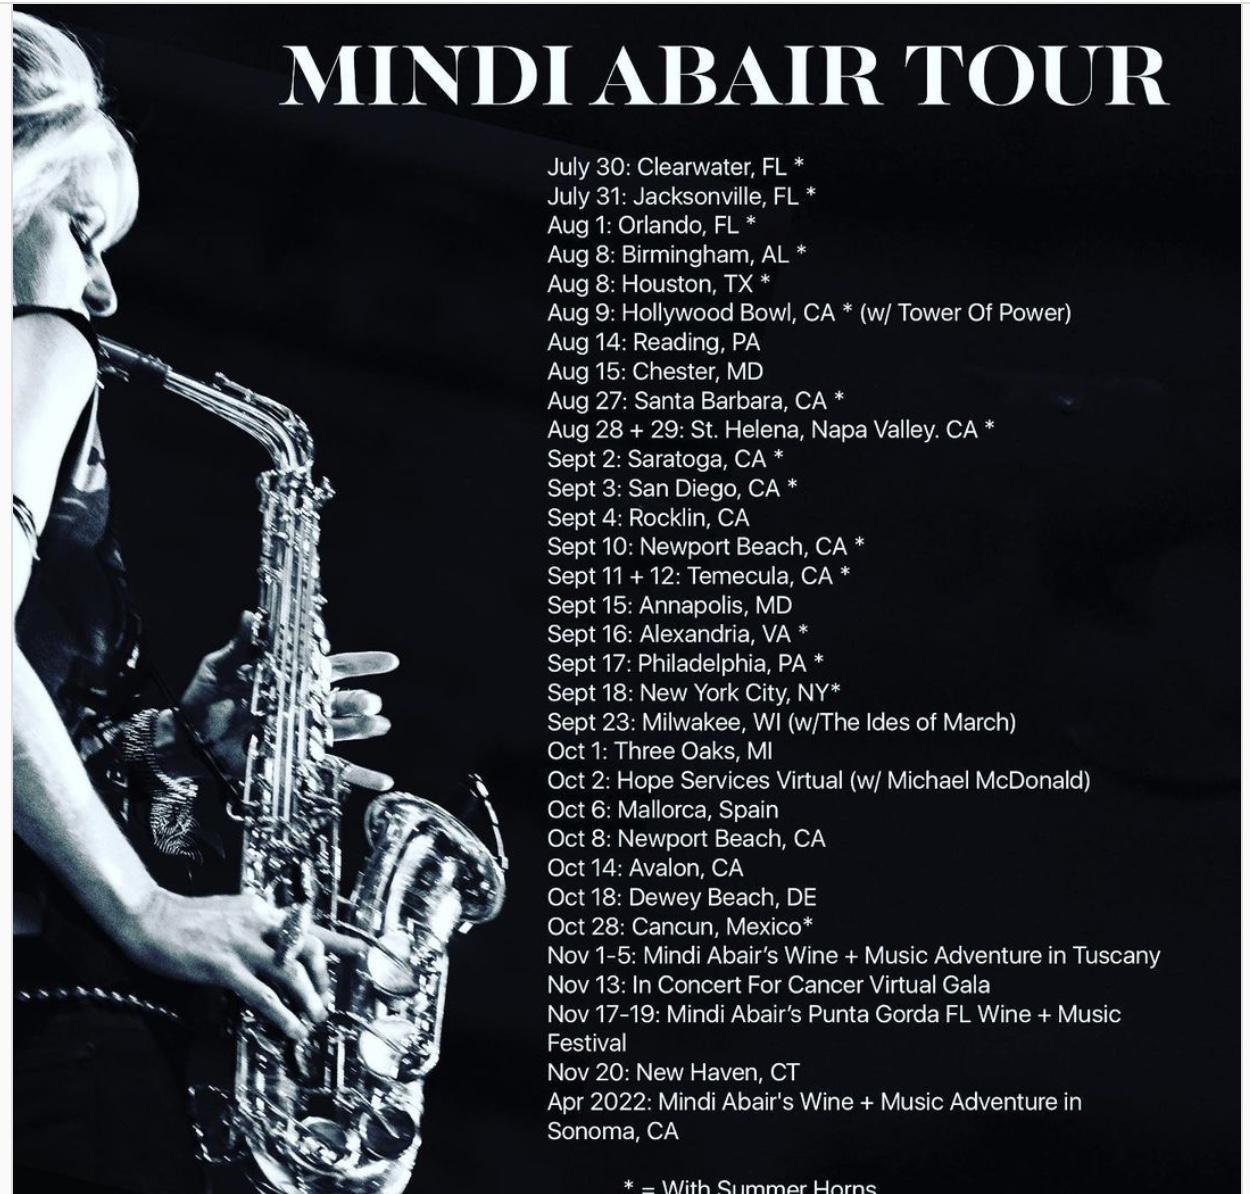 Mindi Abair Tour Dates 2021